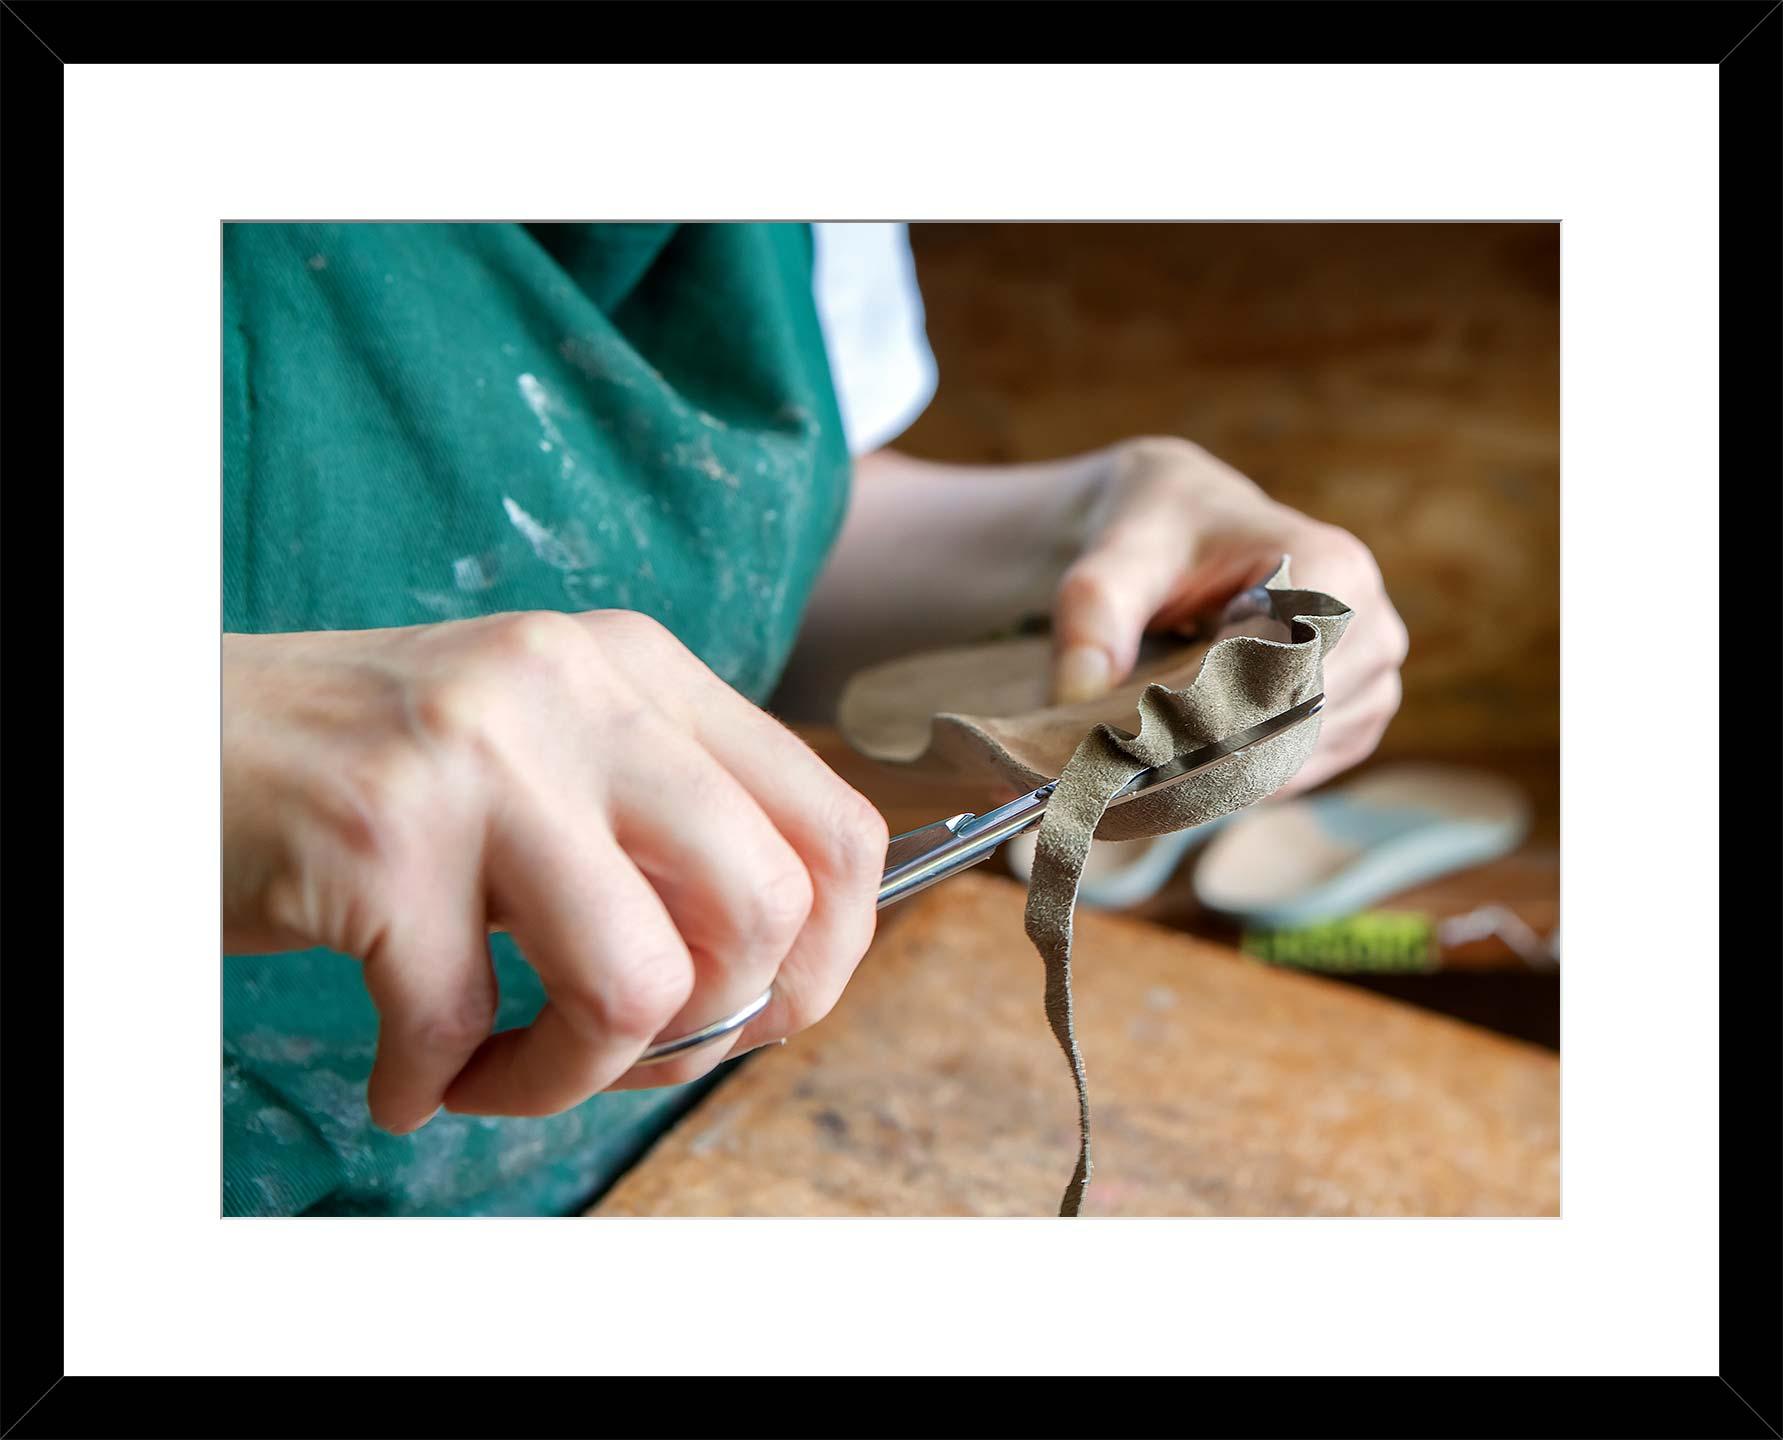 Orthopädie Schuhtechnik ist Handwerk